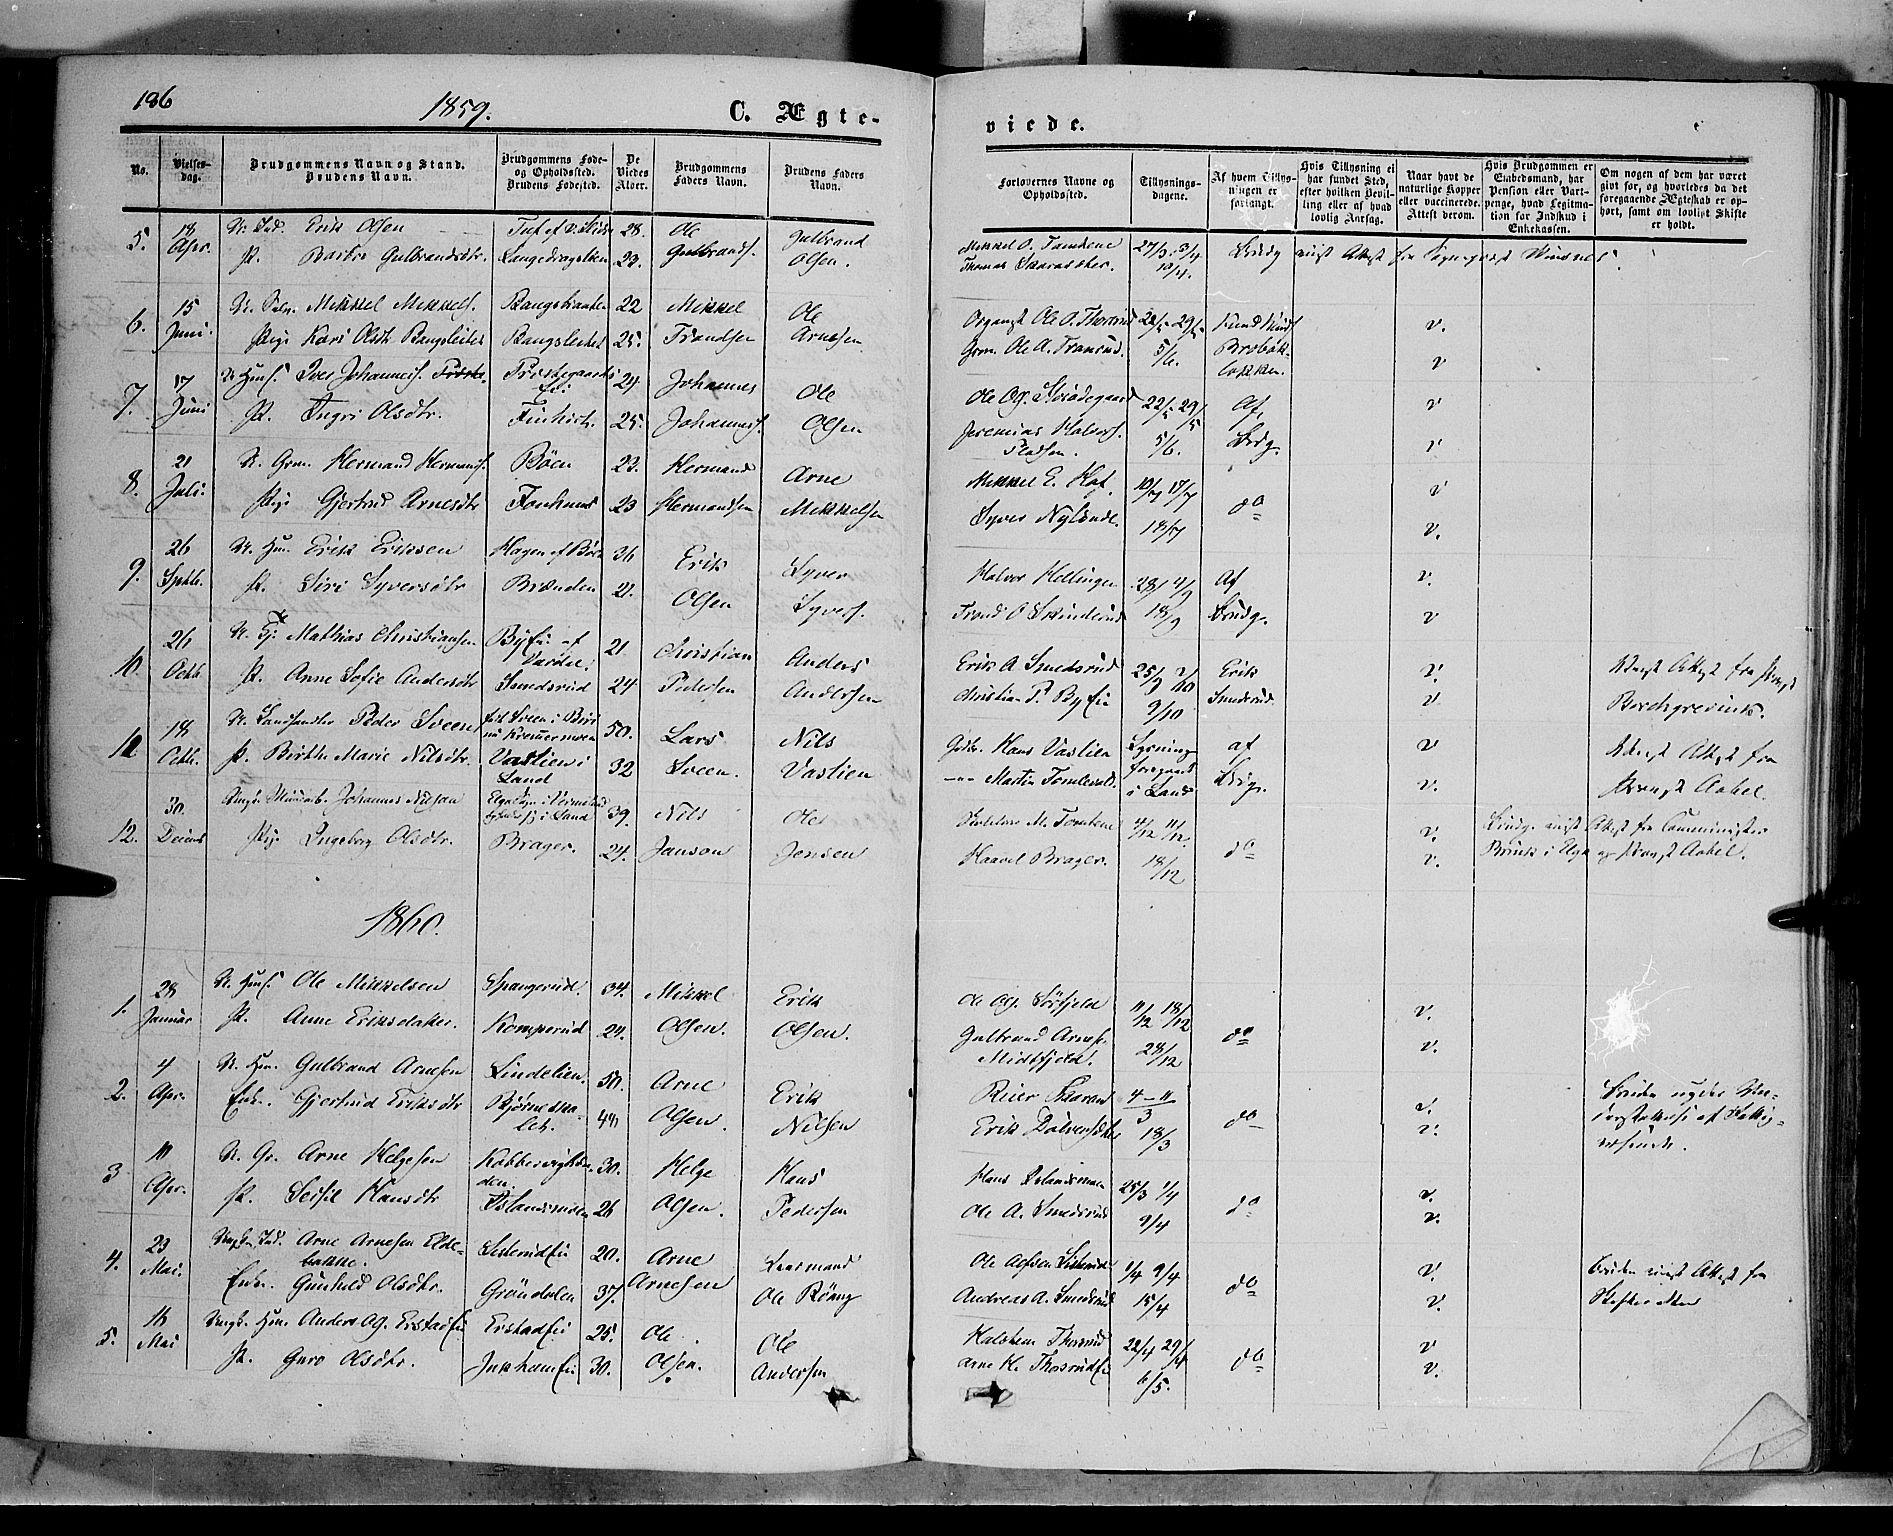 SAH, Sør-Aurdal prestekontor, Ministerialbok nr. 5, 1849-1876, s. 186